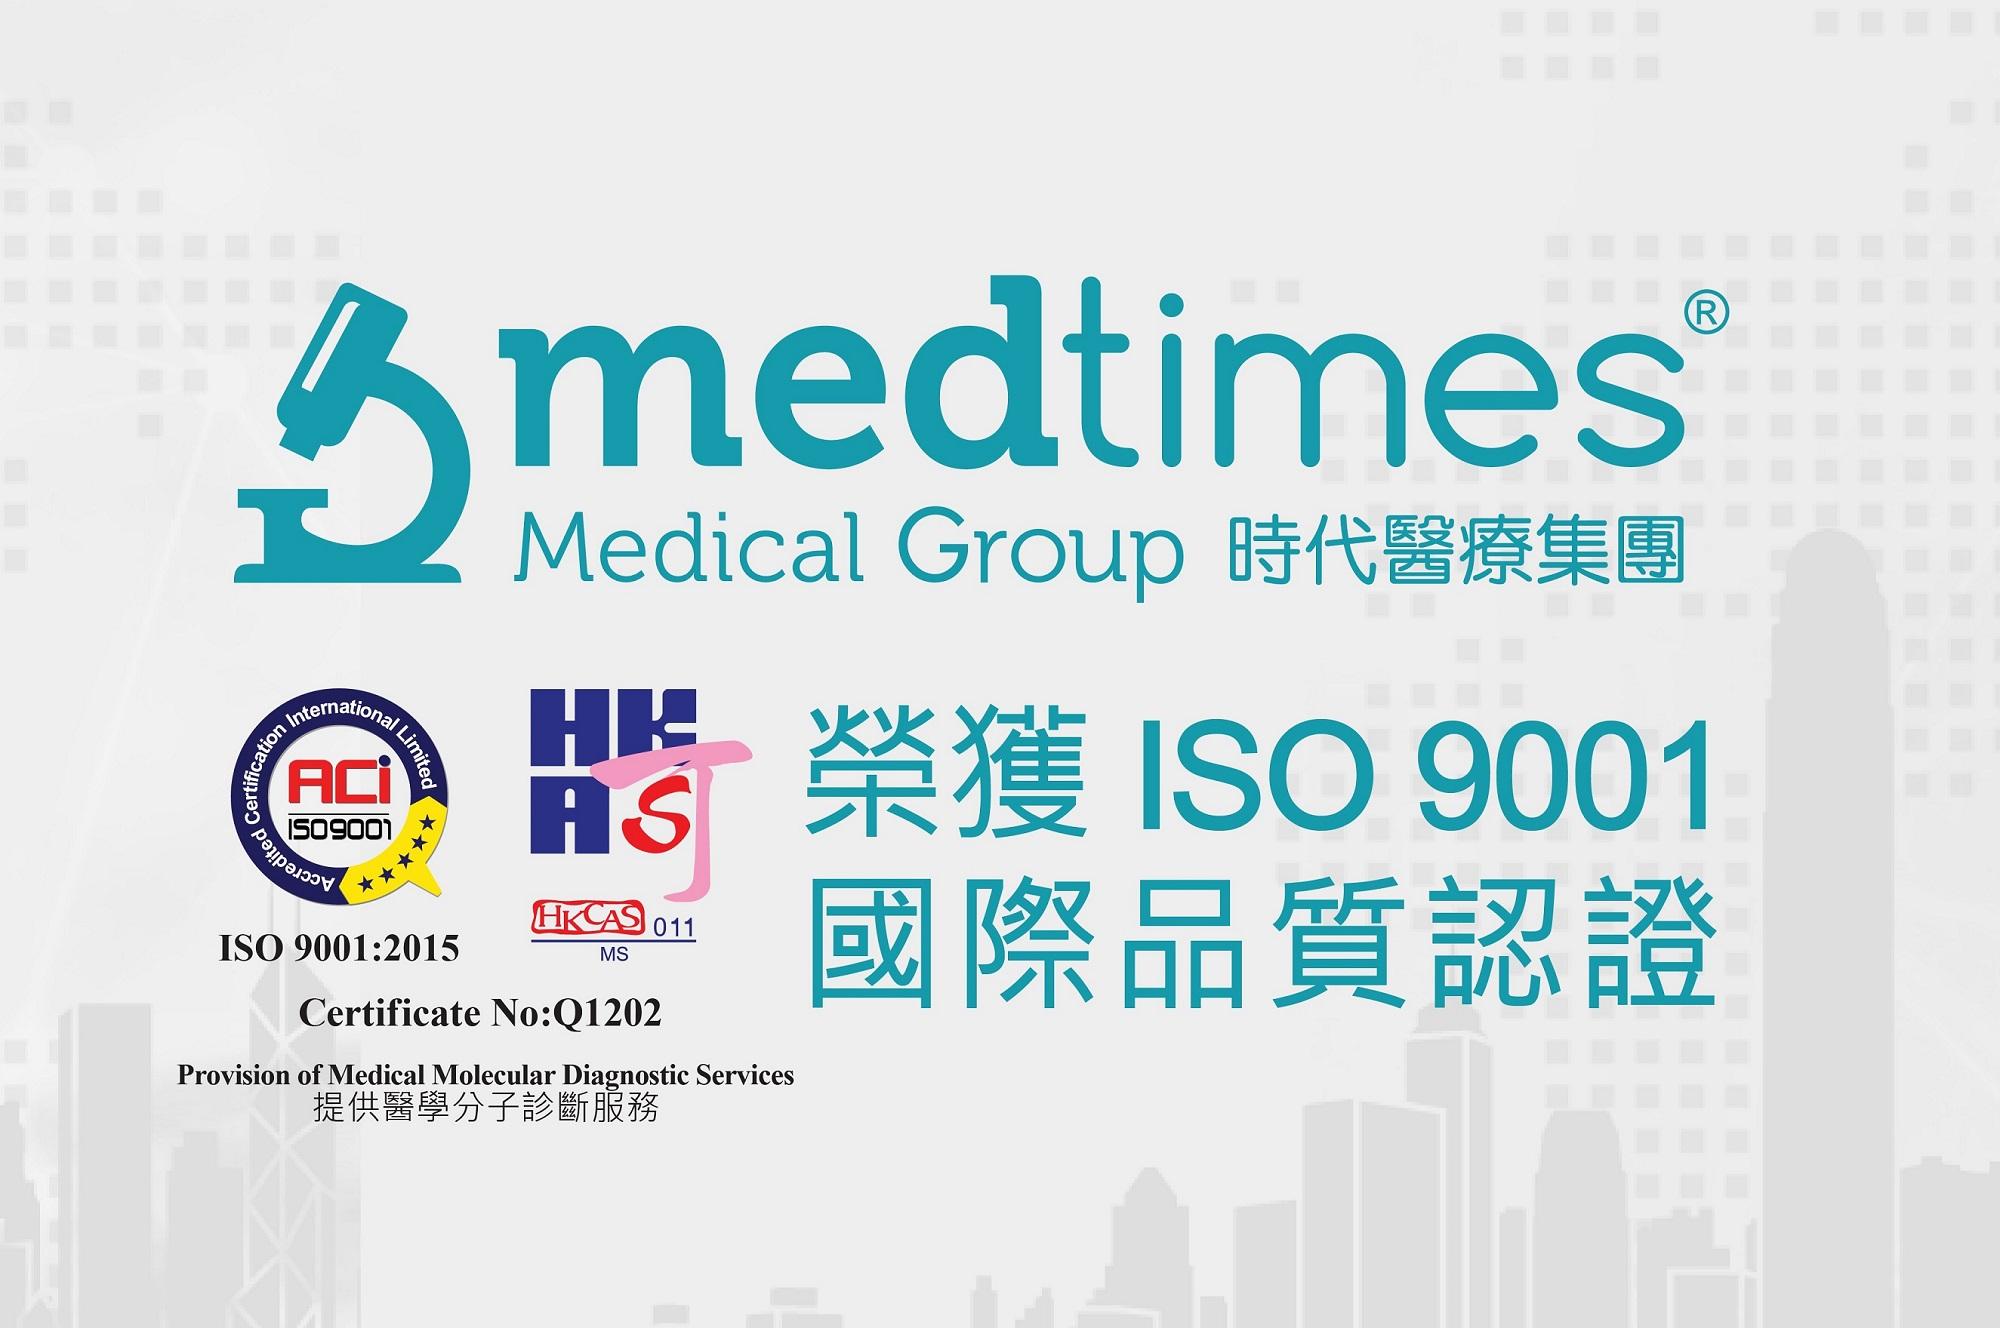 時代醫療集團榮獲ISO 9001國際品質認證